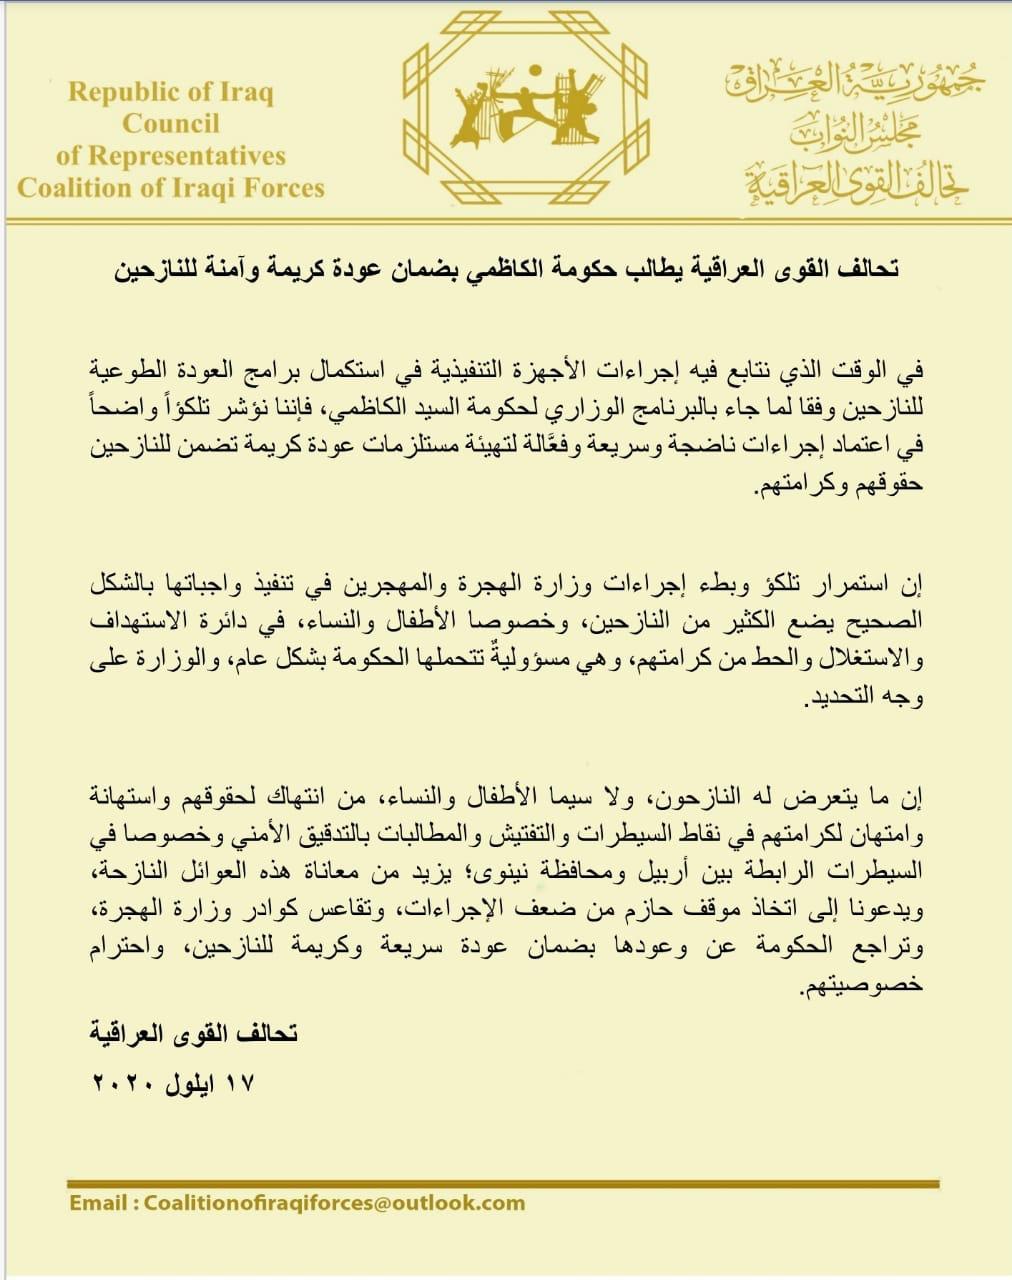 تحالف القوى يطالب الكاظمي بضمان عودة كريمة وامنة للنازحين